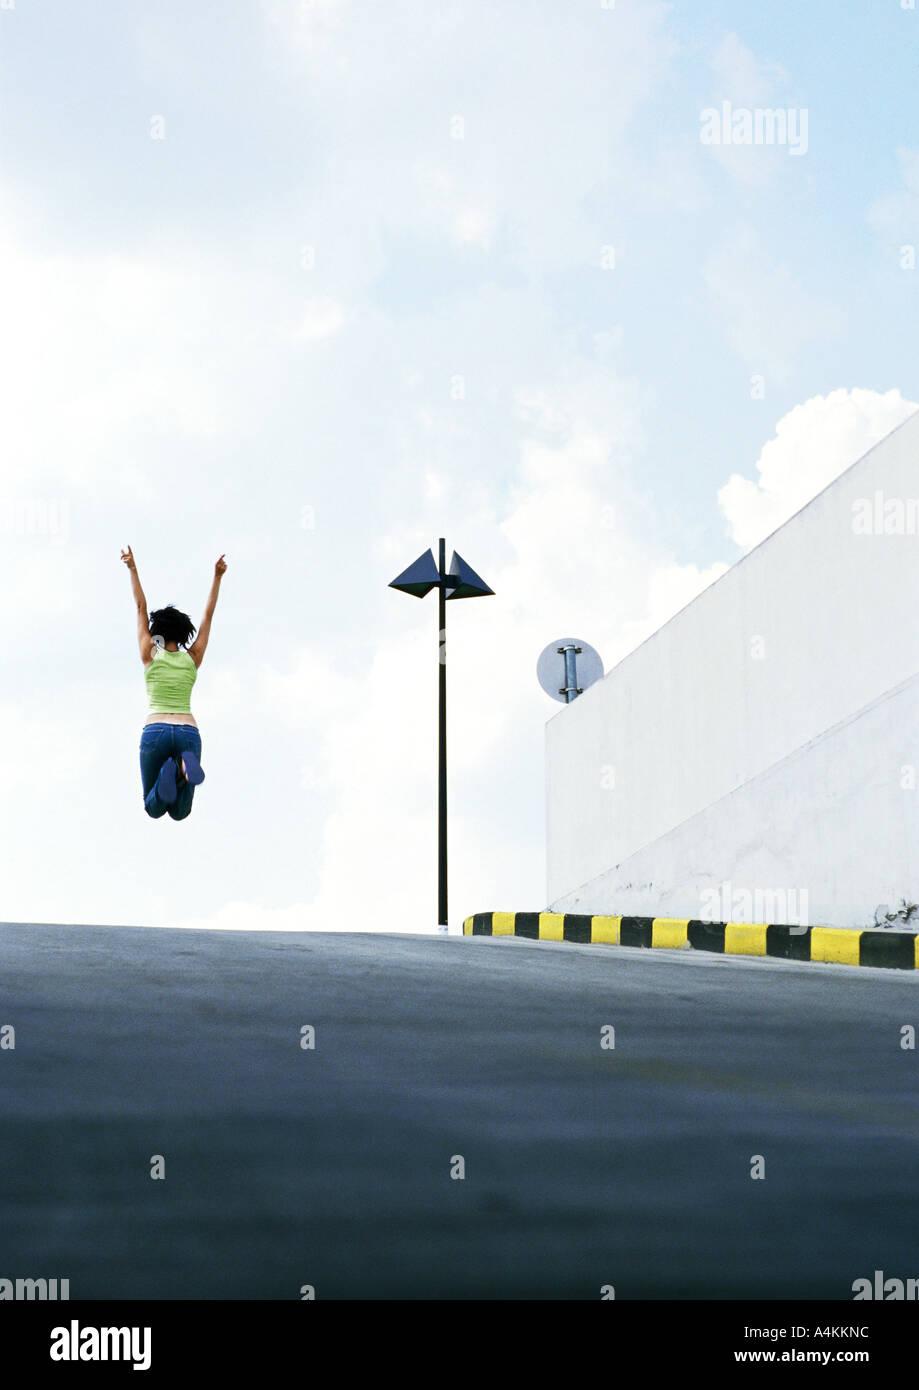 Persona saltando en medio del camino Imagen De Stock